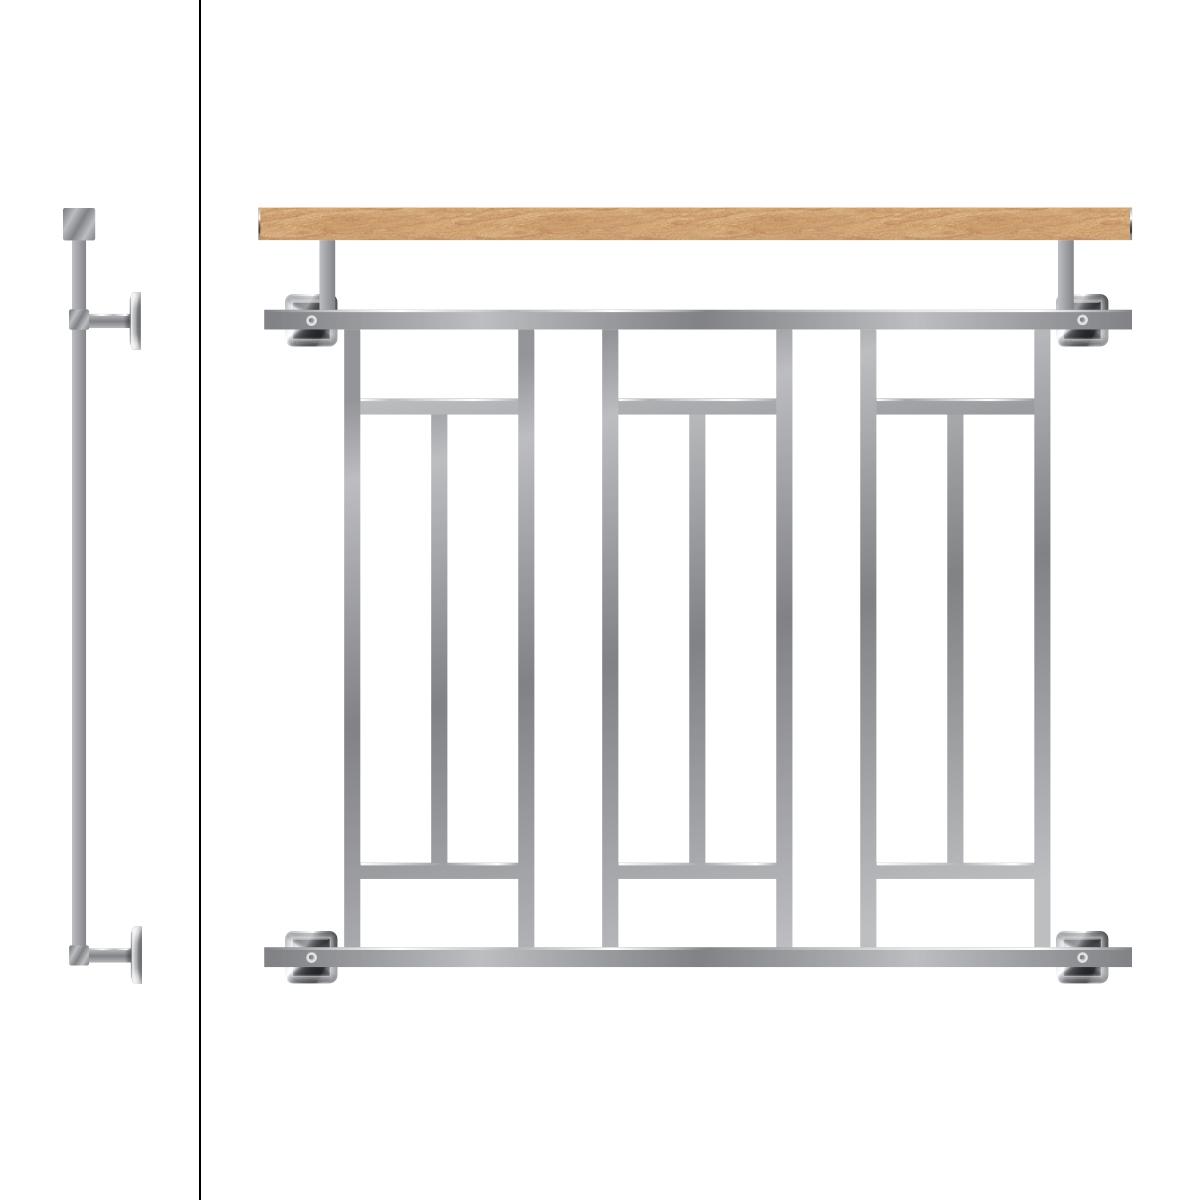 Details Zu Franzosischer Balkon Gelander Balkongelander Edelstahl Stahl Fenstergitter